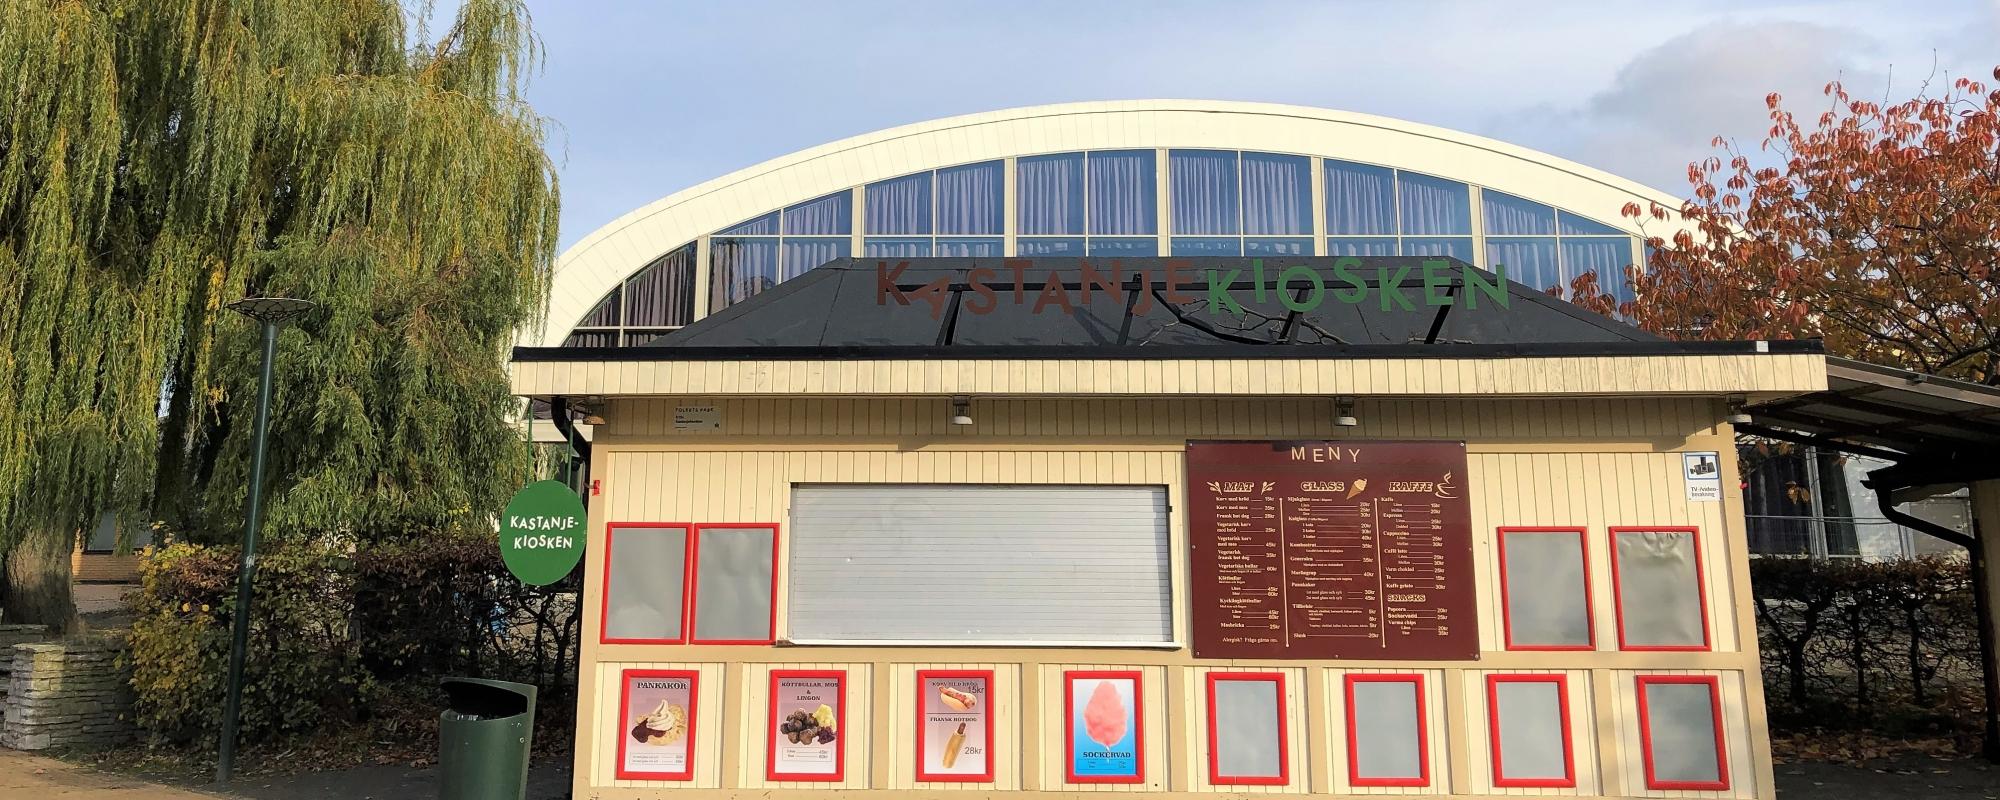 Bild på Kastanjekiosken. På kioskens framsida sitter en meny. Amiralen skymtar i bakgrunden.